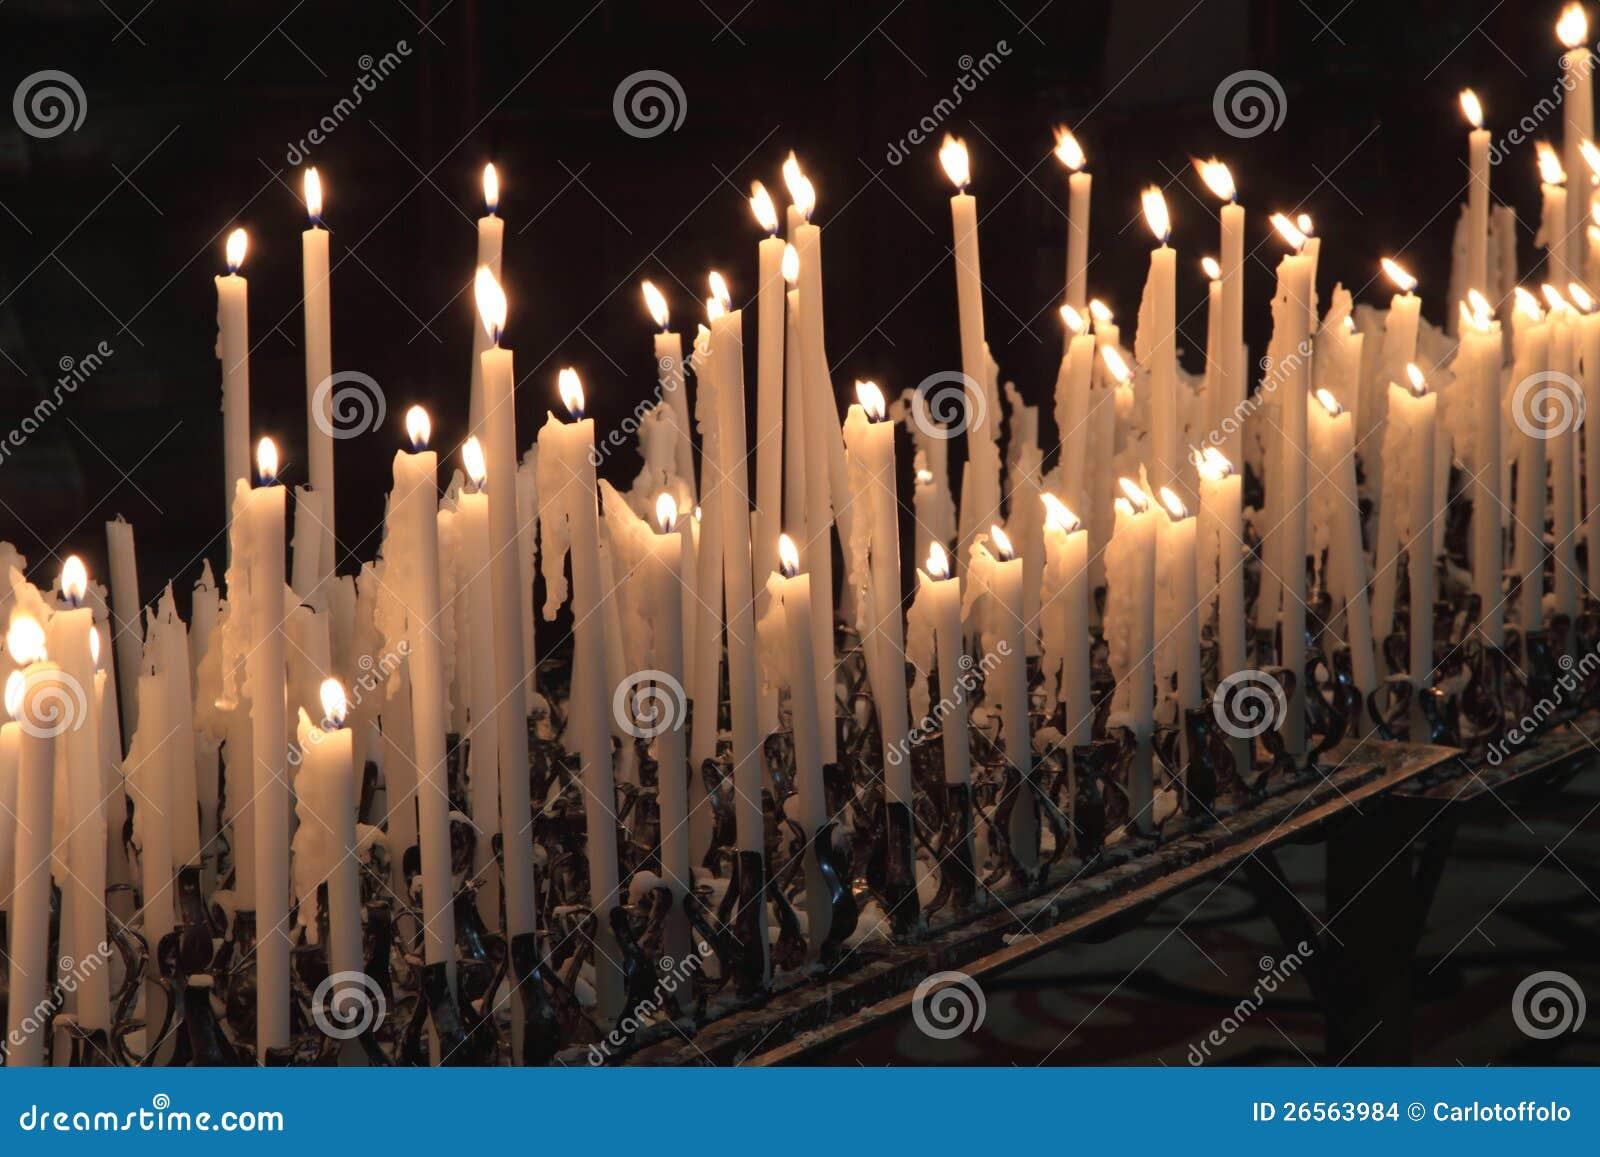 Bougies de dévotion